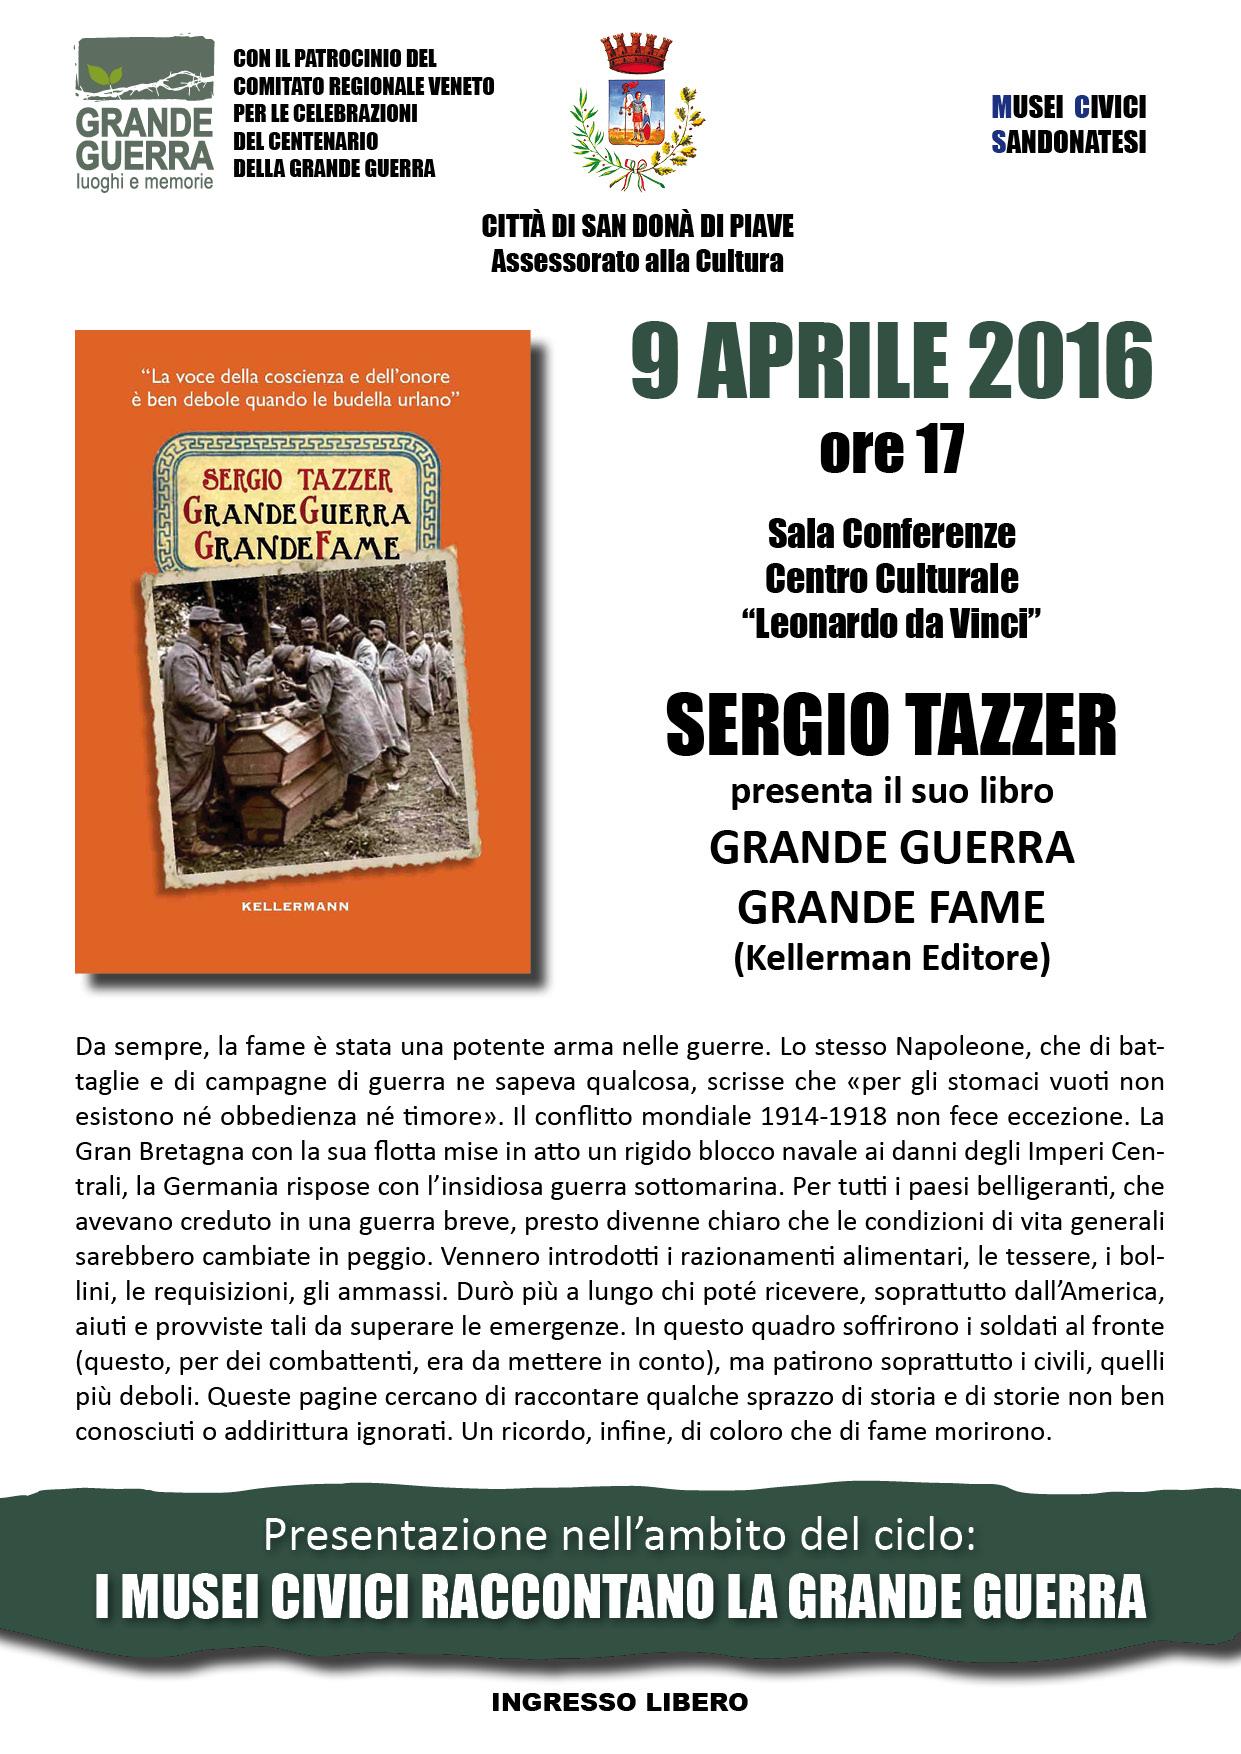 Grande Guerra grande fame 9 aprile 2016